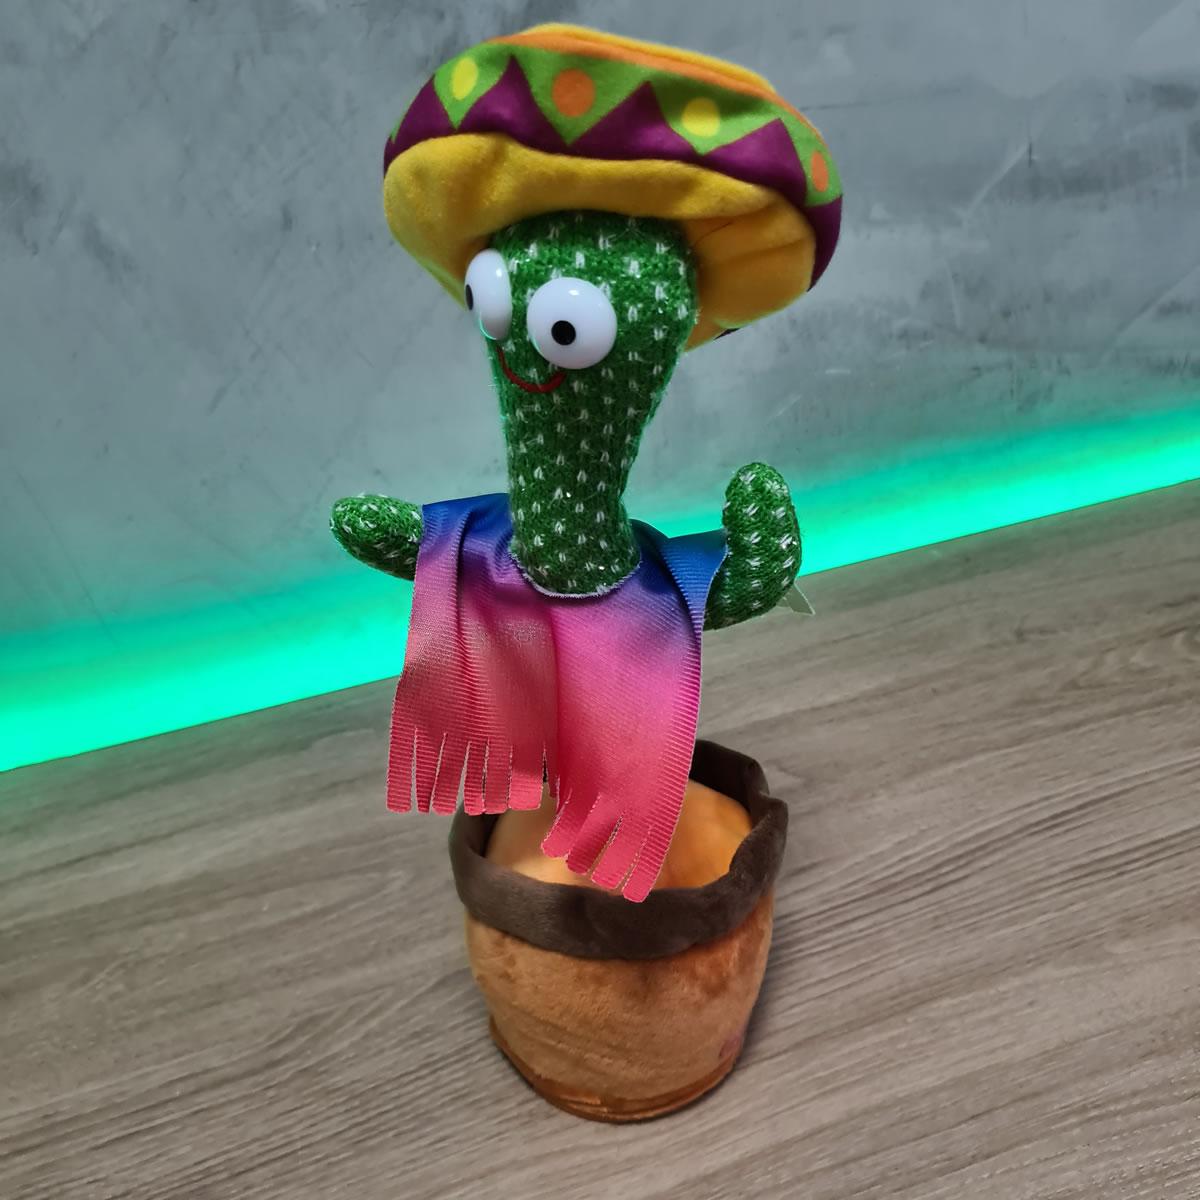 Cactos Animado Dançante e falante Cactus Dancing Poncho Repete o que fala